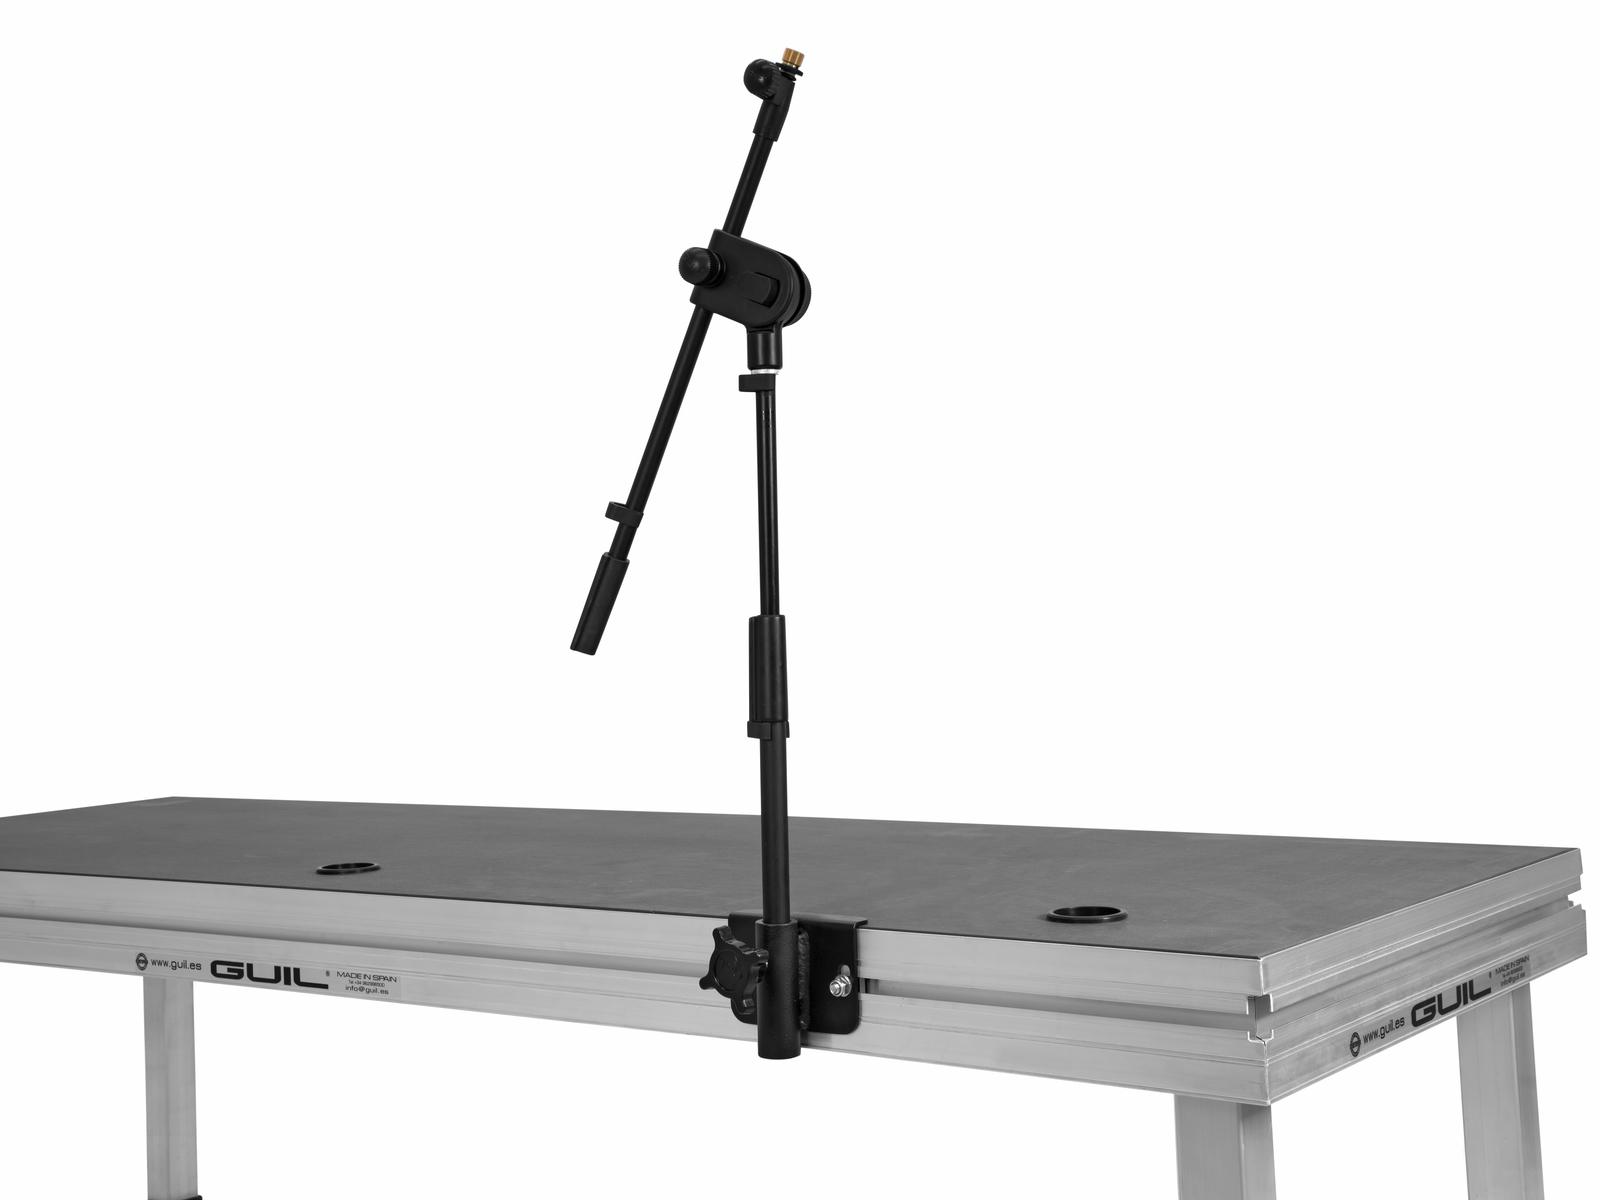 Guil PM/TM-02/440, mikrofonní držák pro pódiovou desku